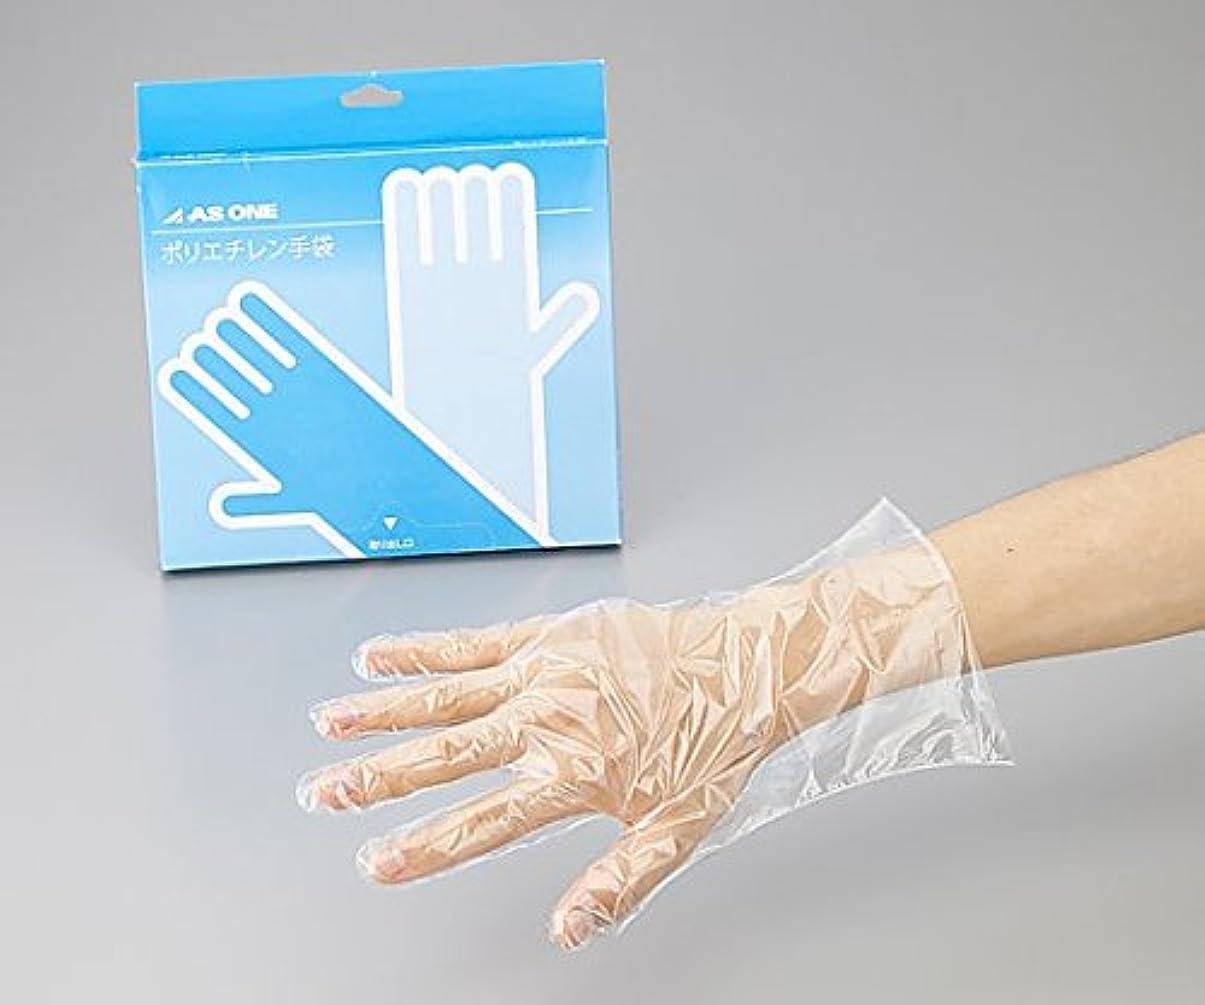 関係ないぼかし報酬のアズワン2-4972-03ポリエチレン手袋エコノミー薄手S100枚入